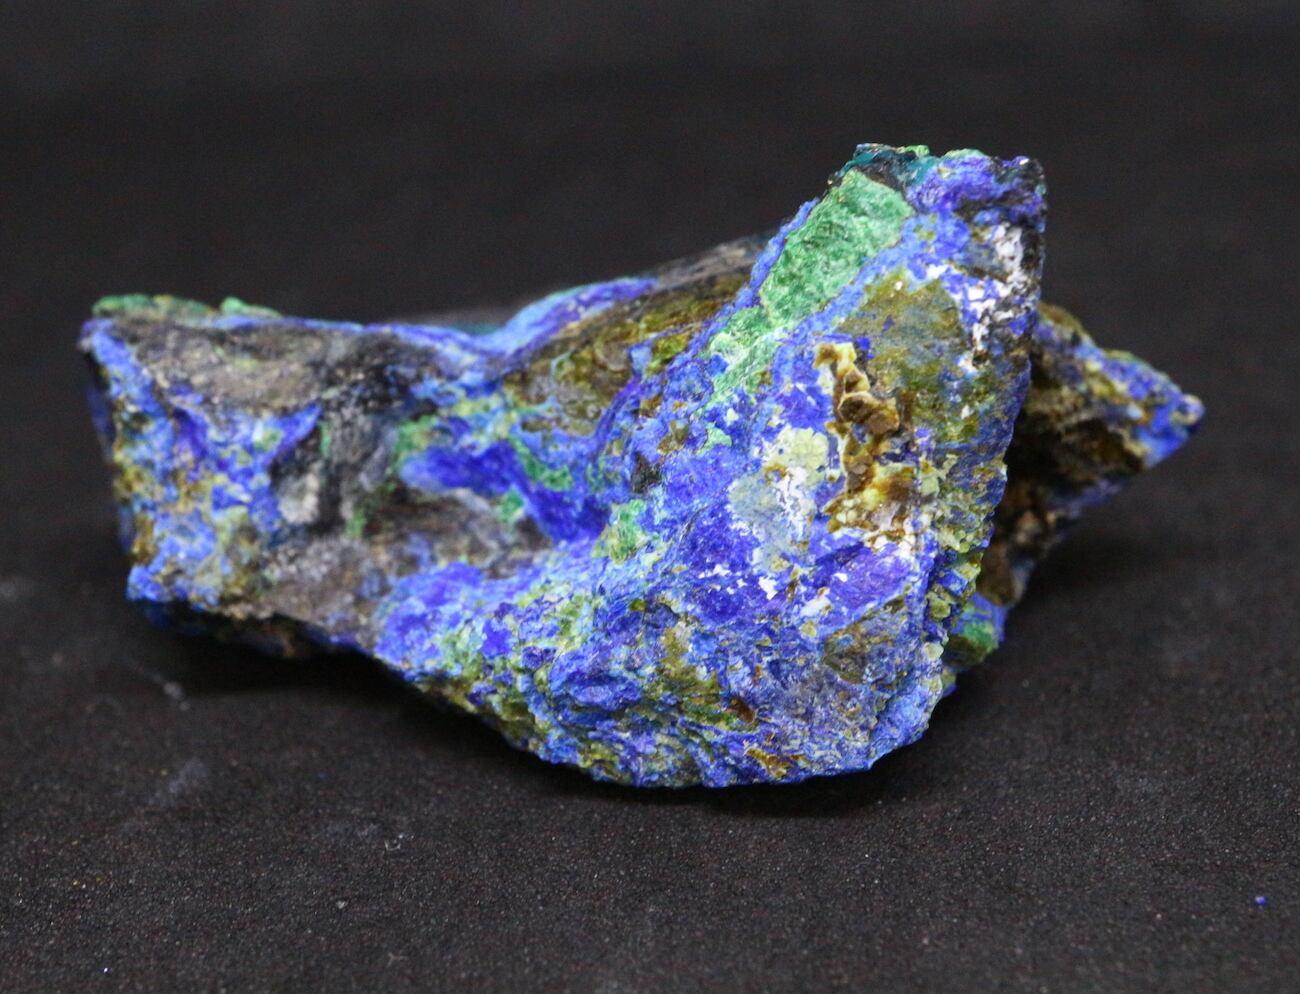 アリゾナ産 アズライト アジュライト 15,8g 原石 鉱物 標本 AZR002